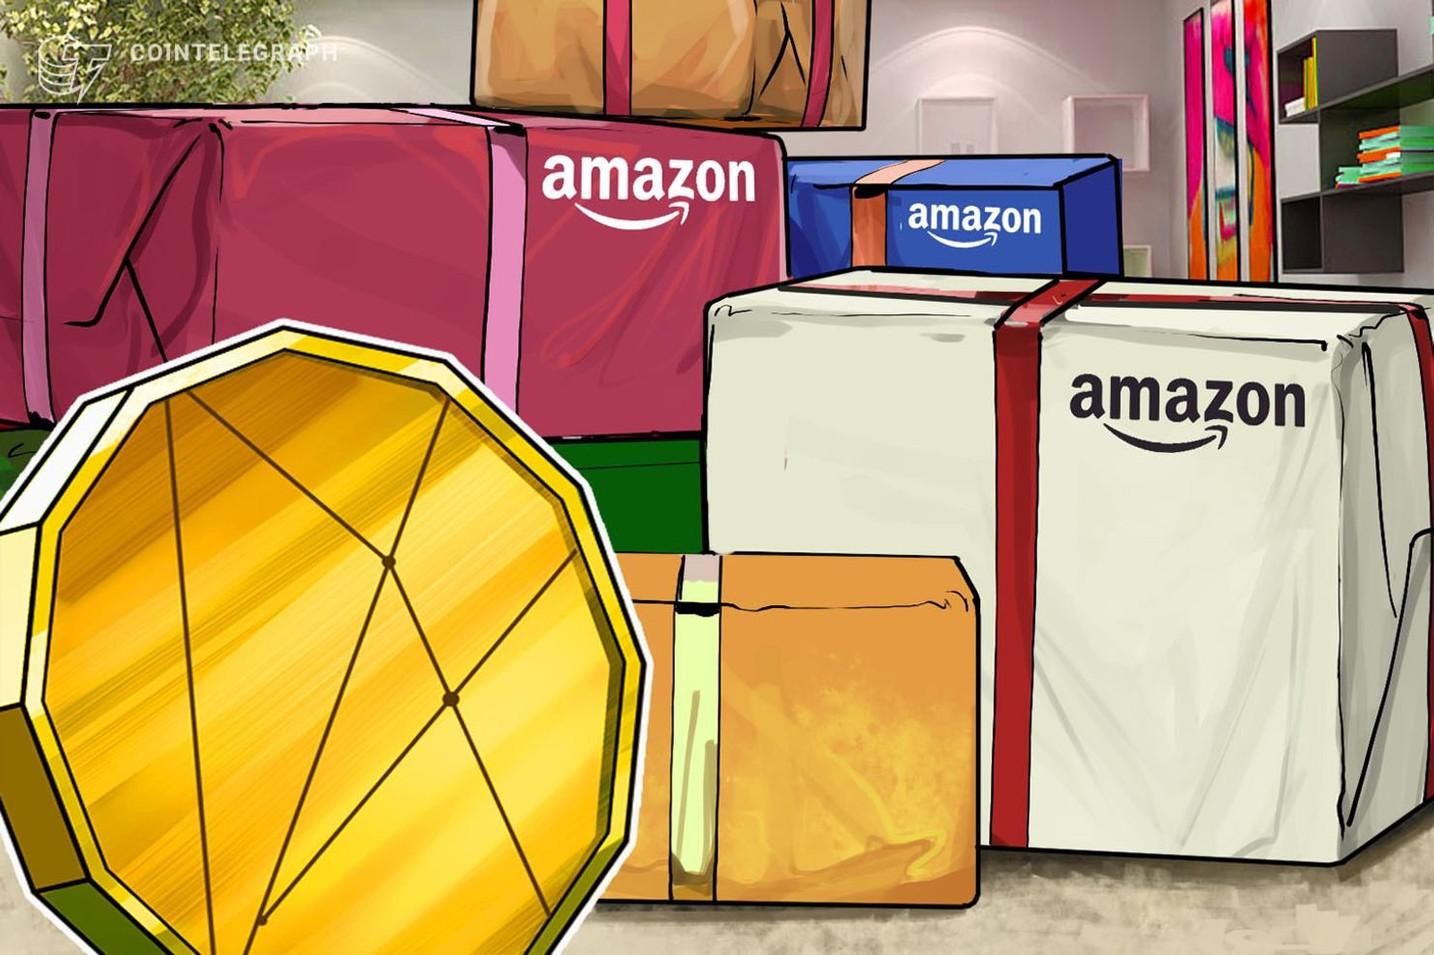 仮想通貨XRPでアマゾンギフトカードが買える?米国で開始か【ニュース】